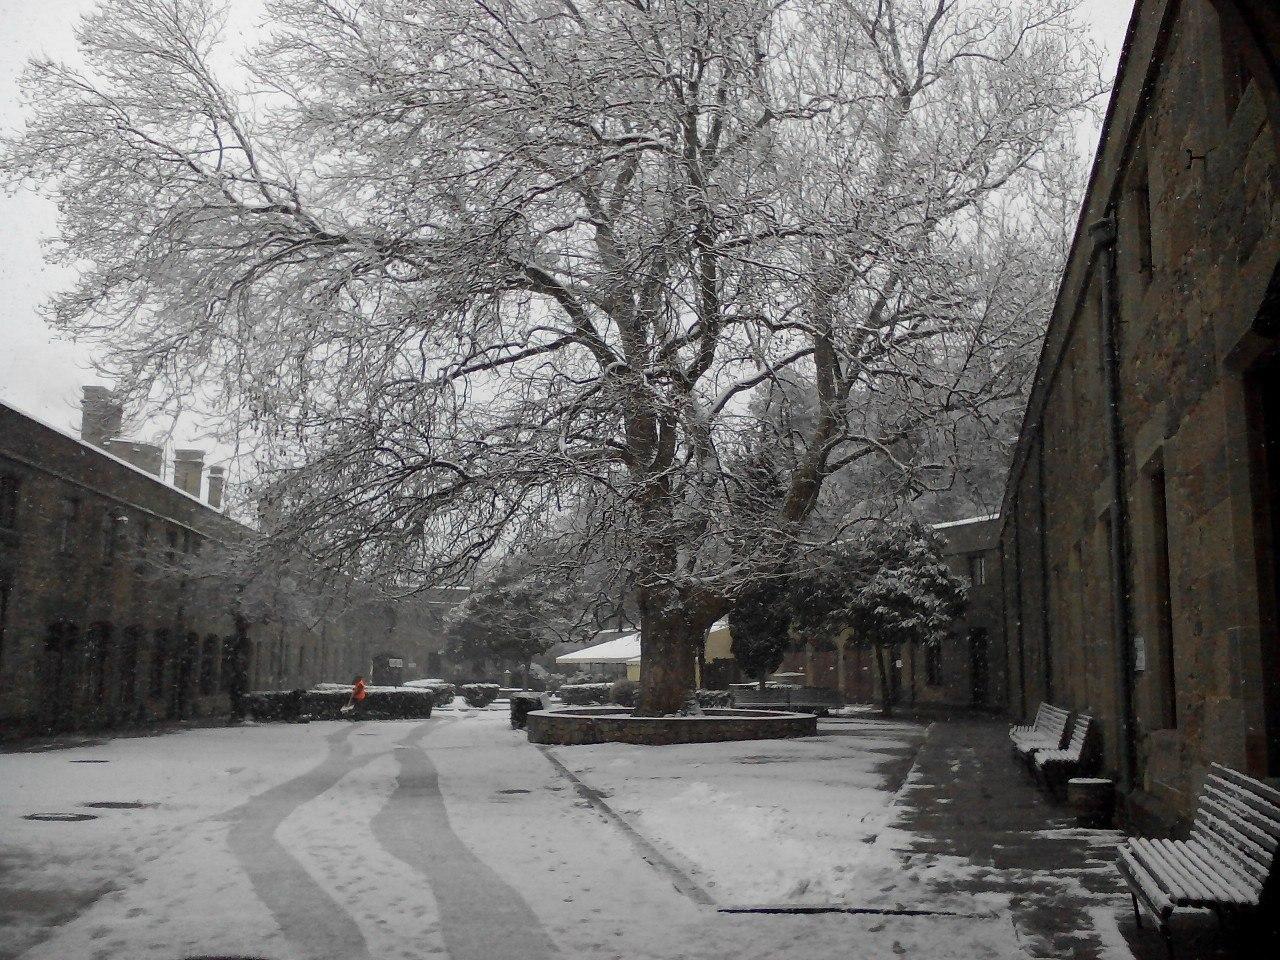 Воронцовский дворец в снегу: хозяйственный дворик